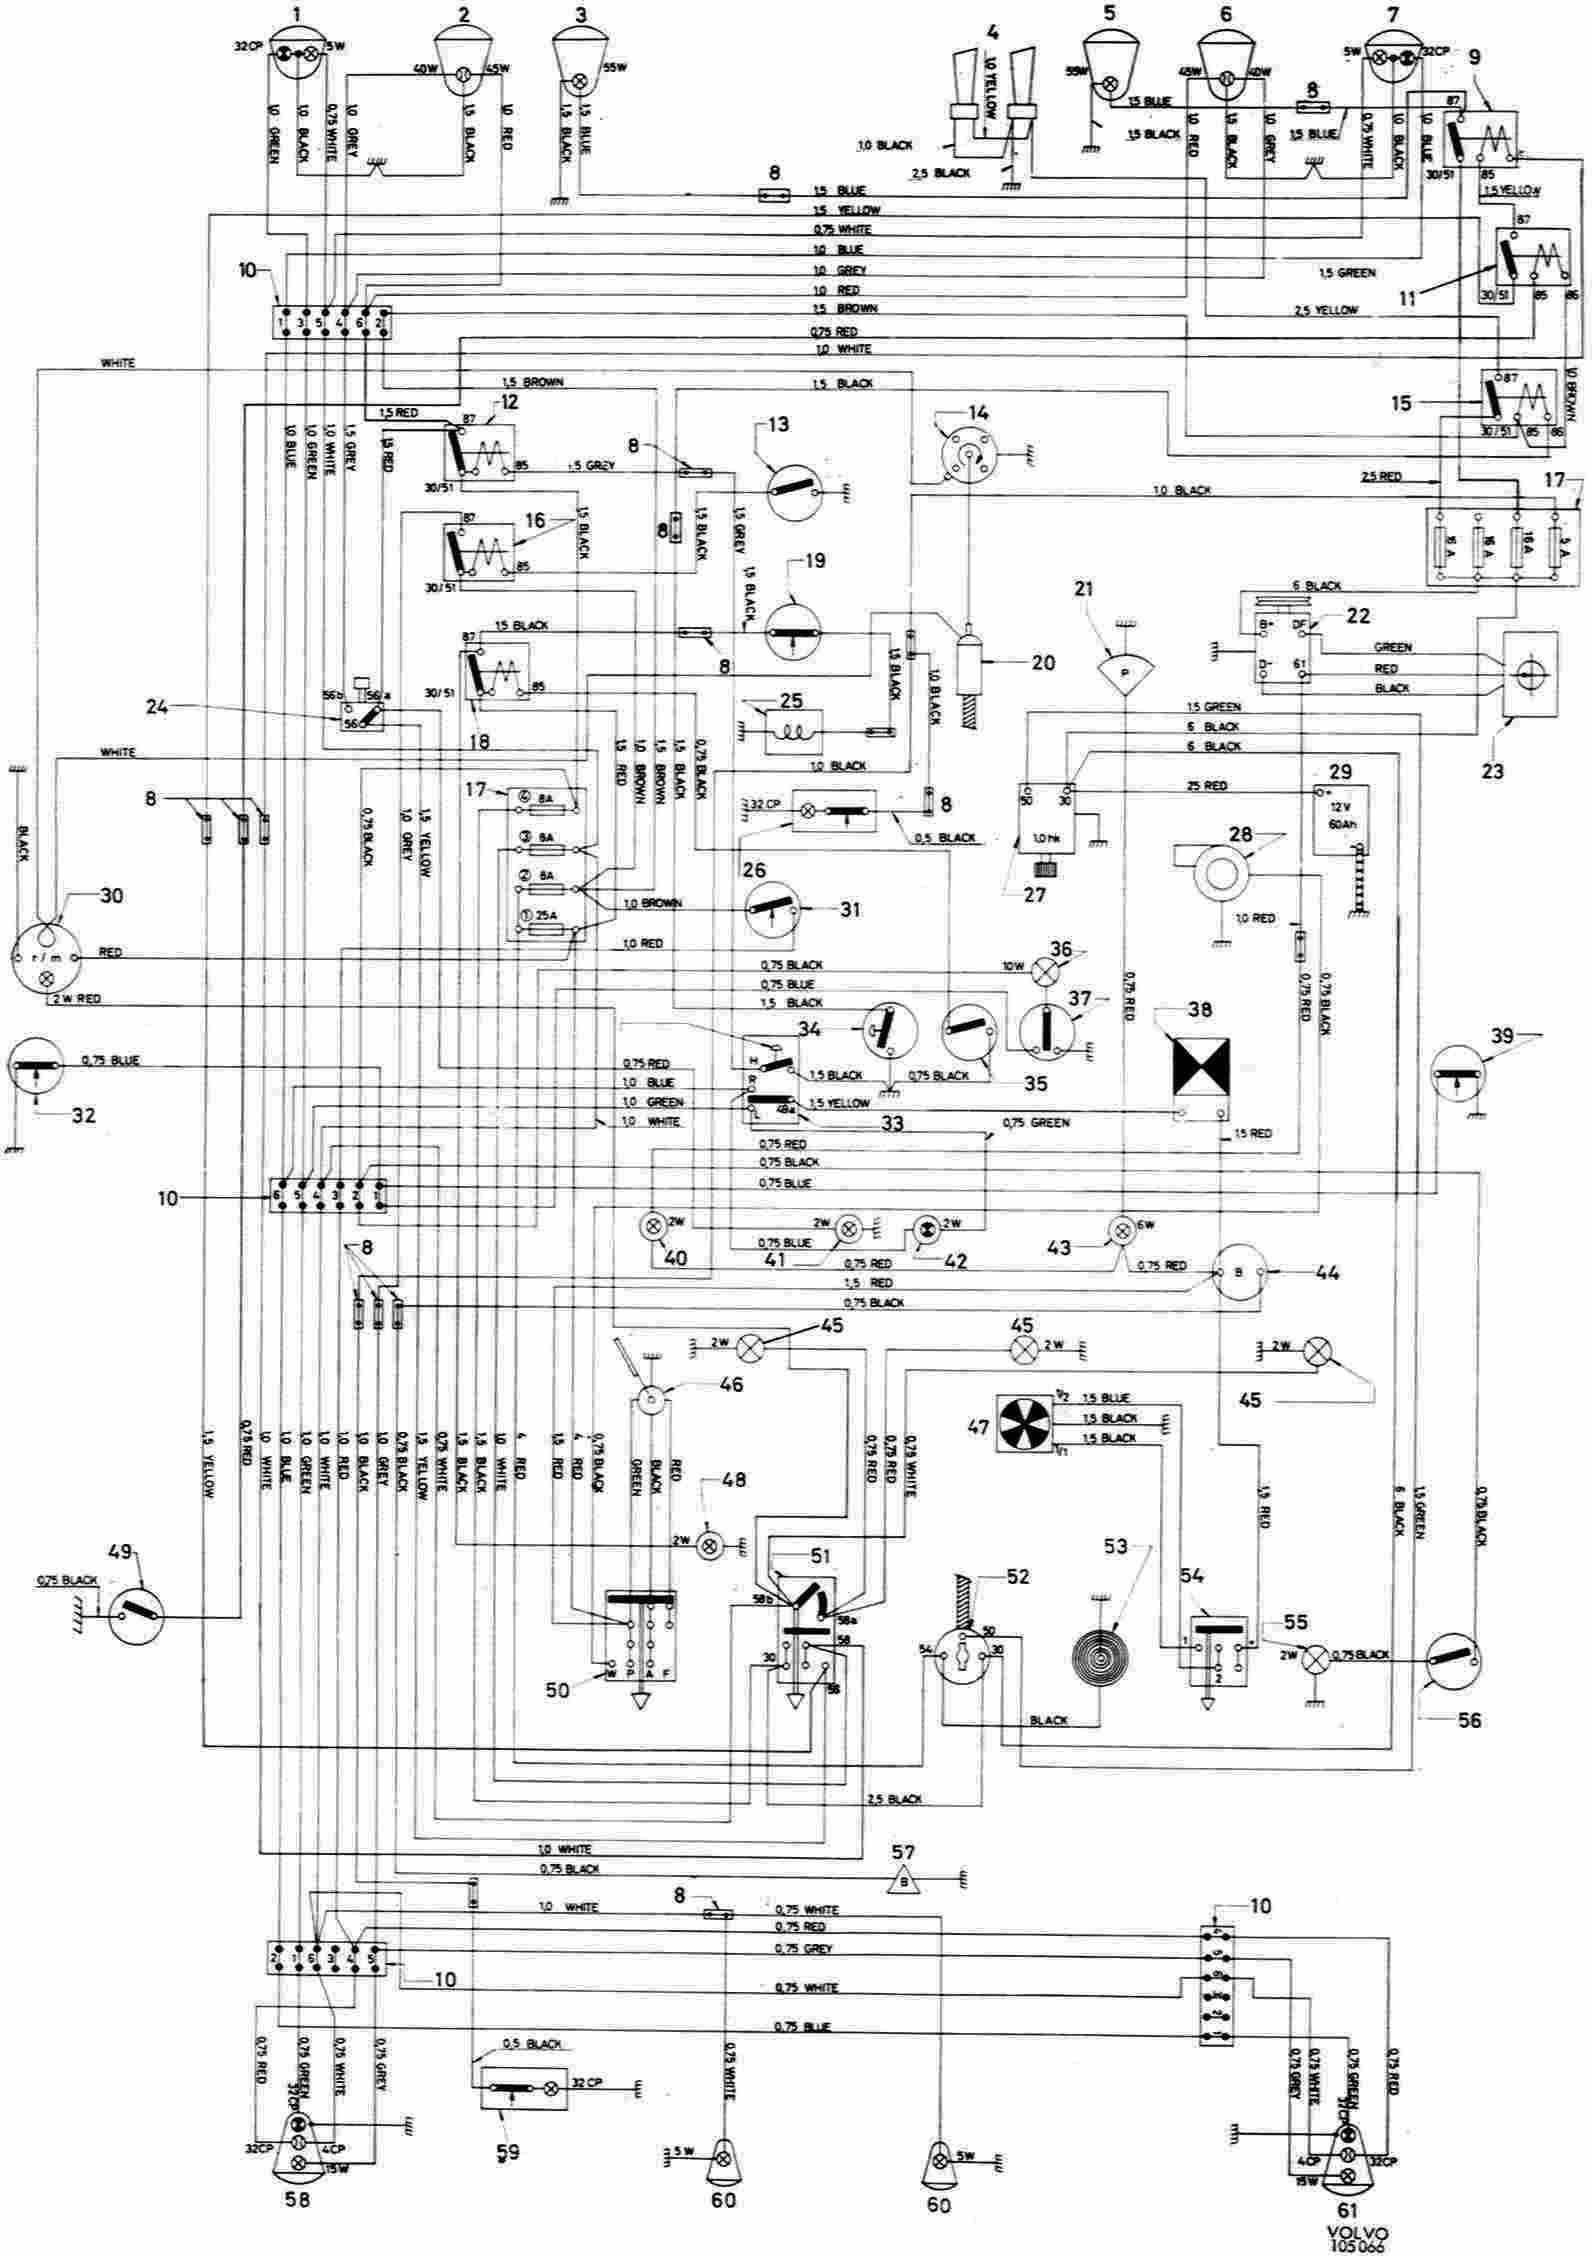 volvo s40 wiring schematic wiring diagram data  s40 wiring diagram wiring diagram m6 volvo s40 wiring schematic